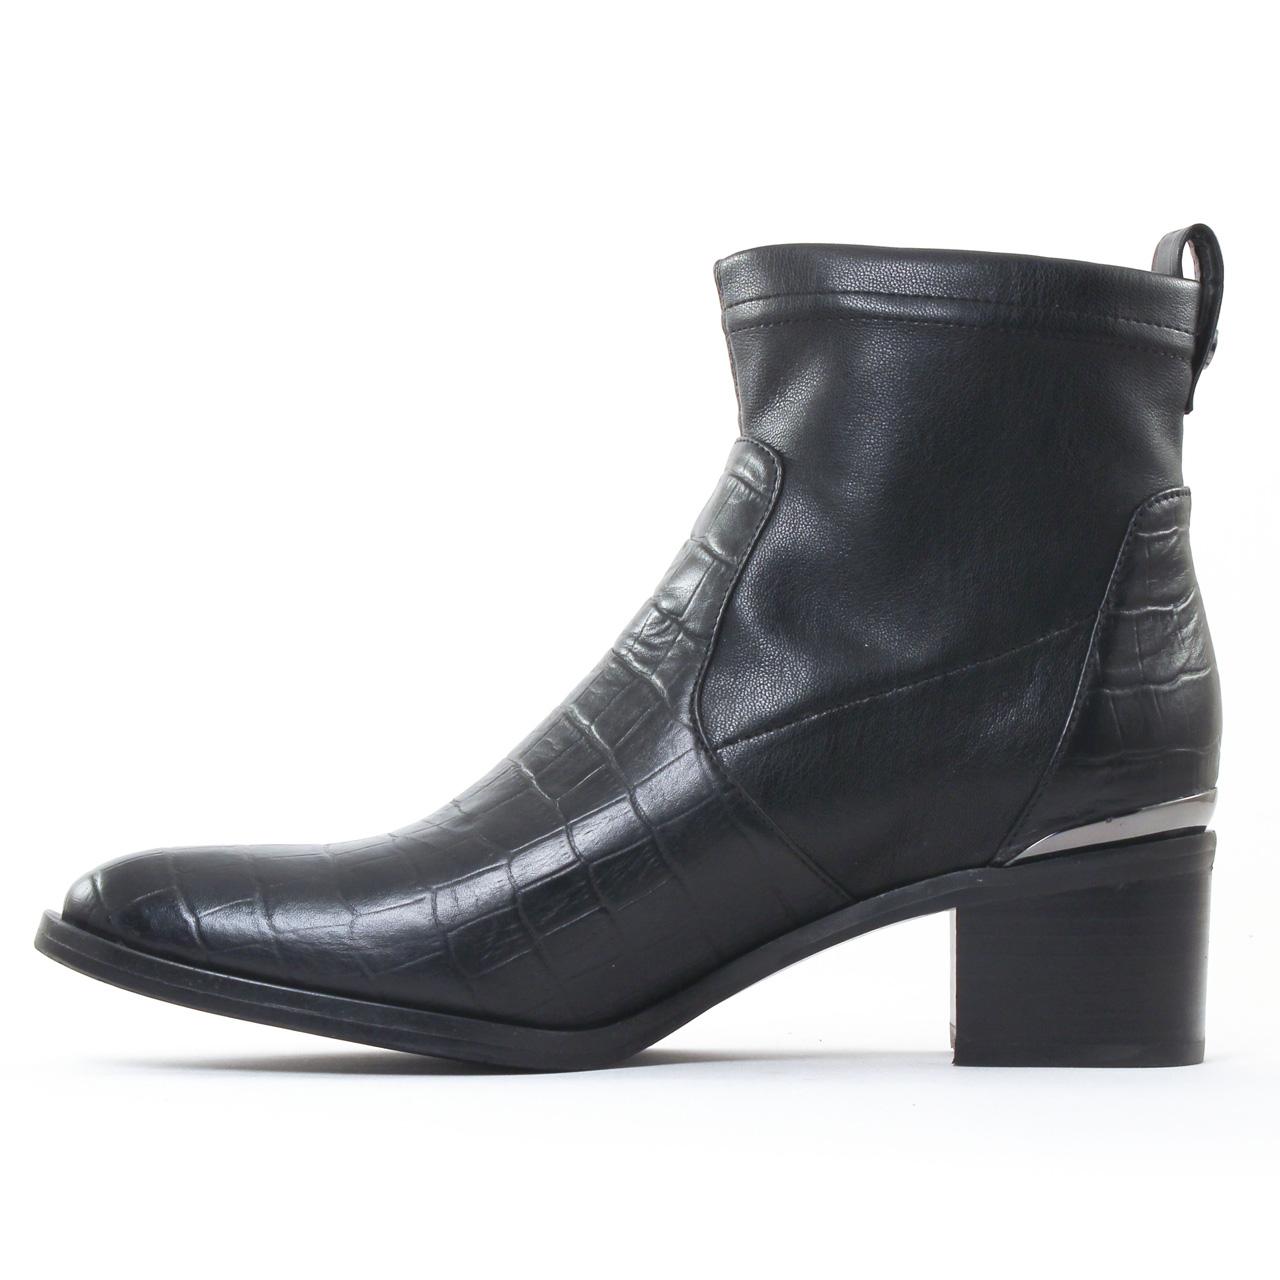 jb martin epure noir boot talon noir automne hiver chez. Black Bedroom Furniture Sets. Home Design Ideas